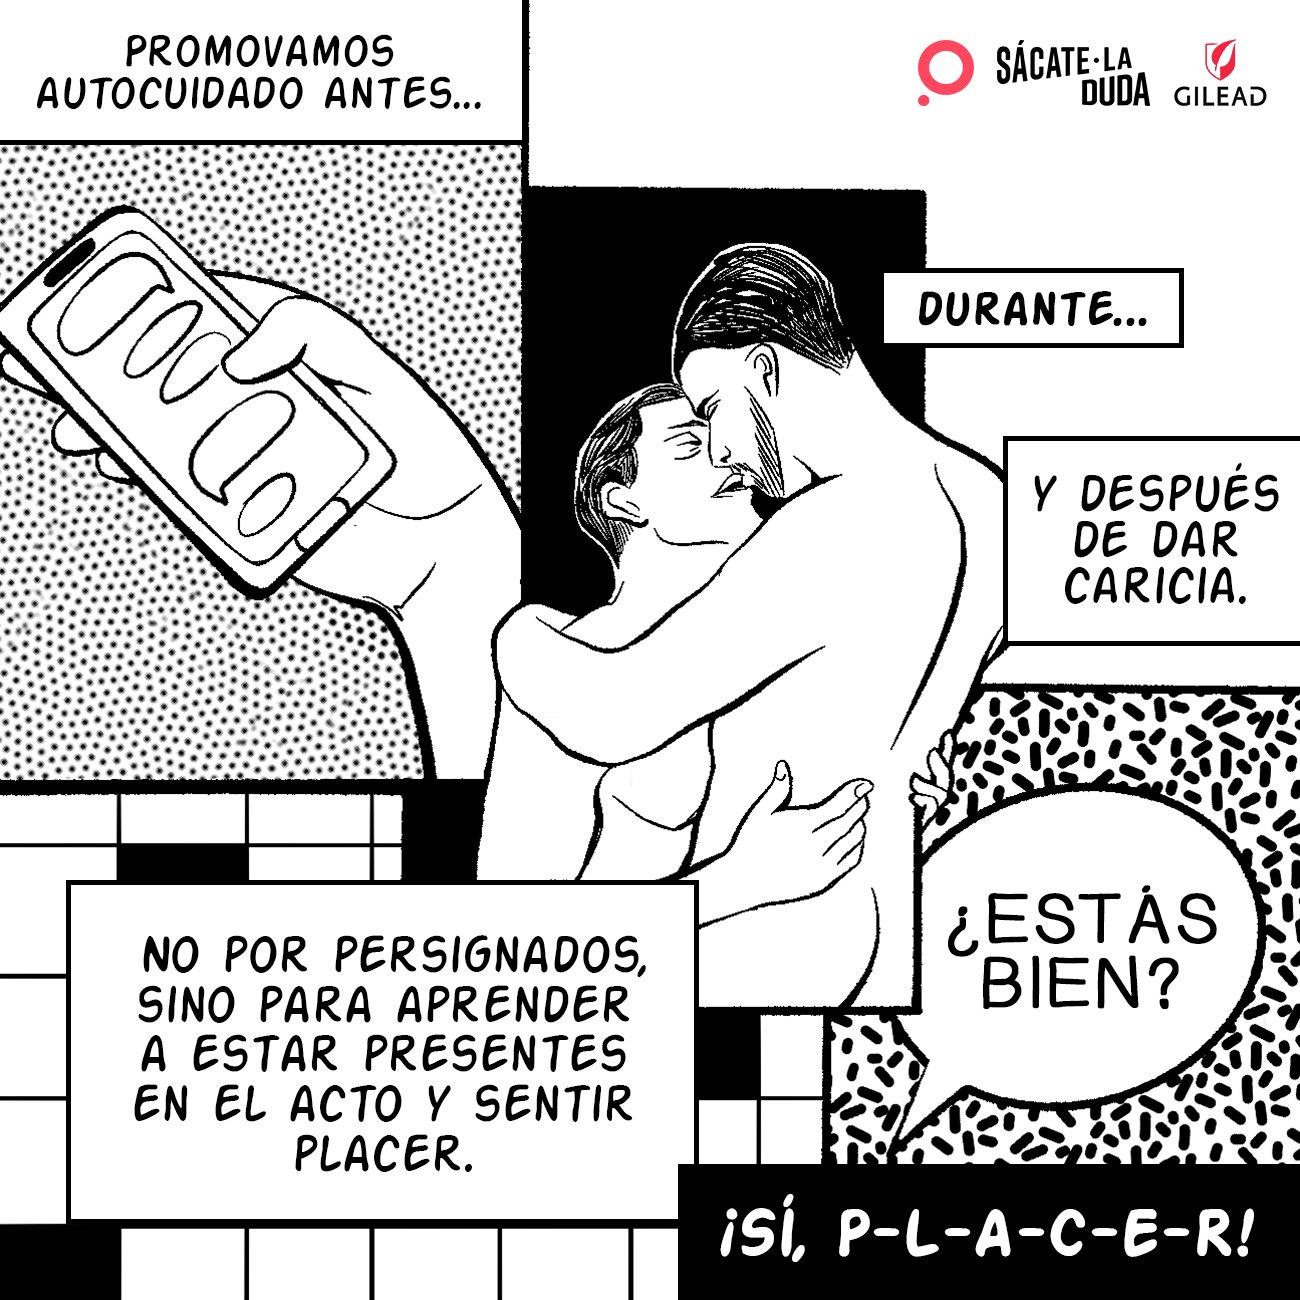 Cómic de la campaña #SácateLaDuda